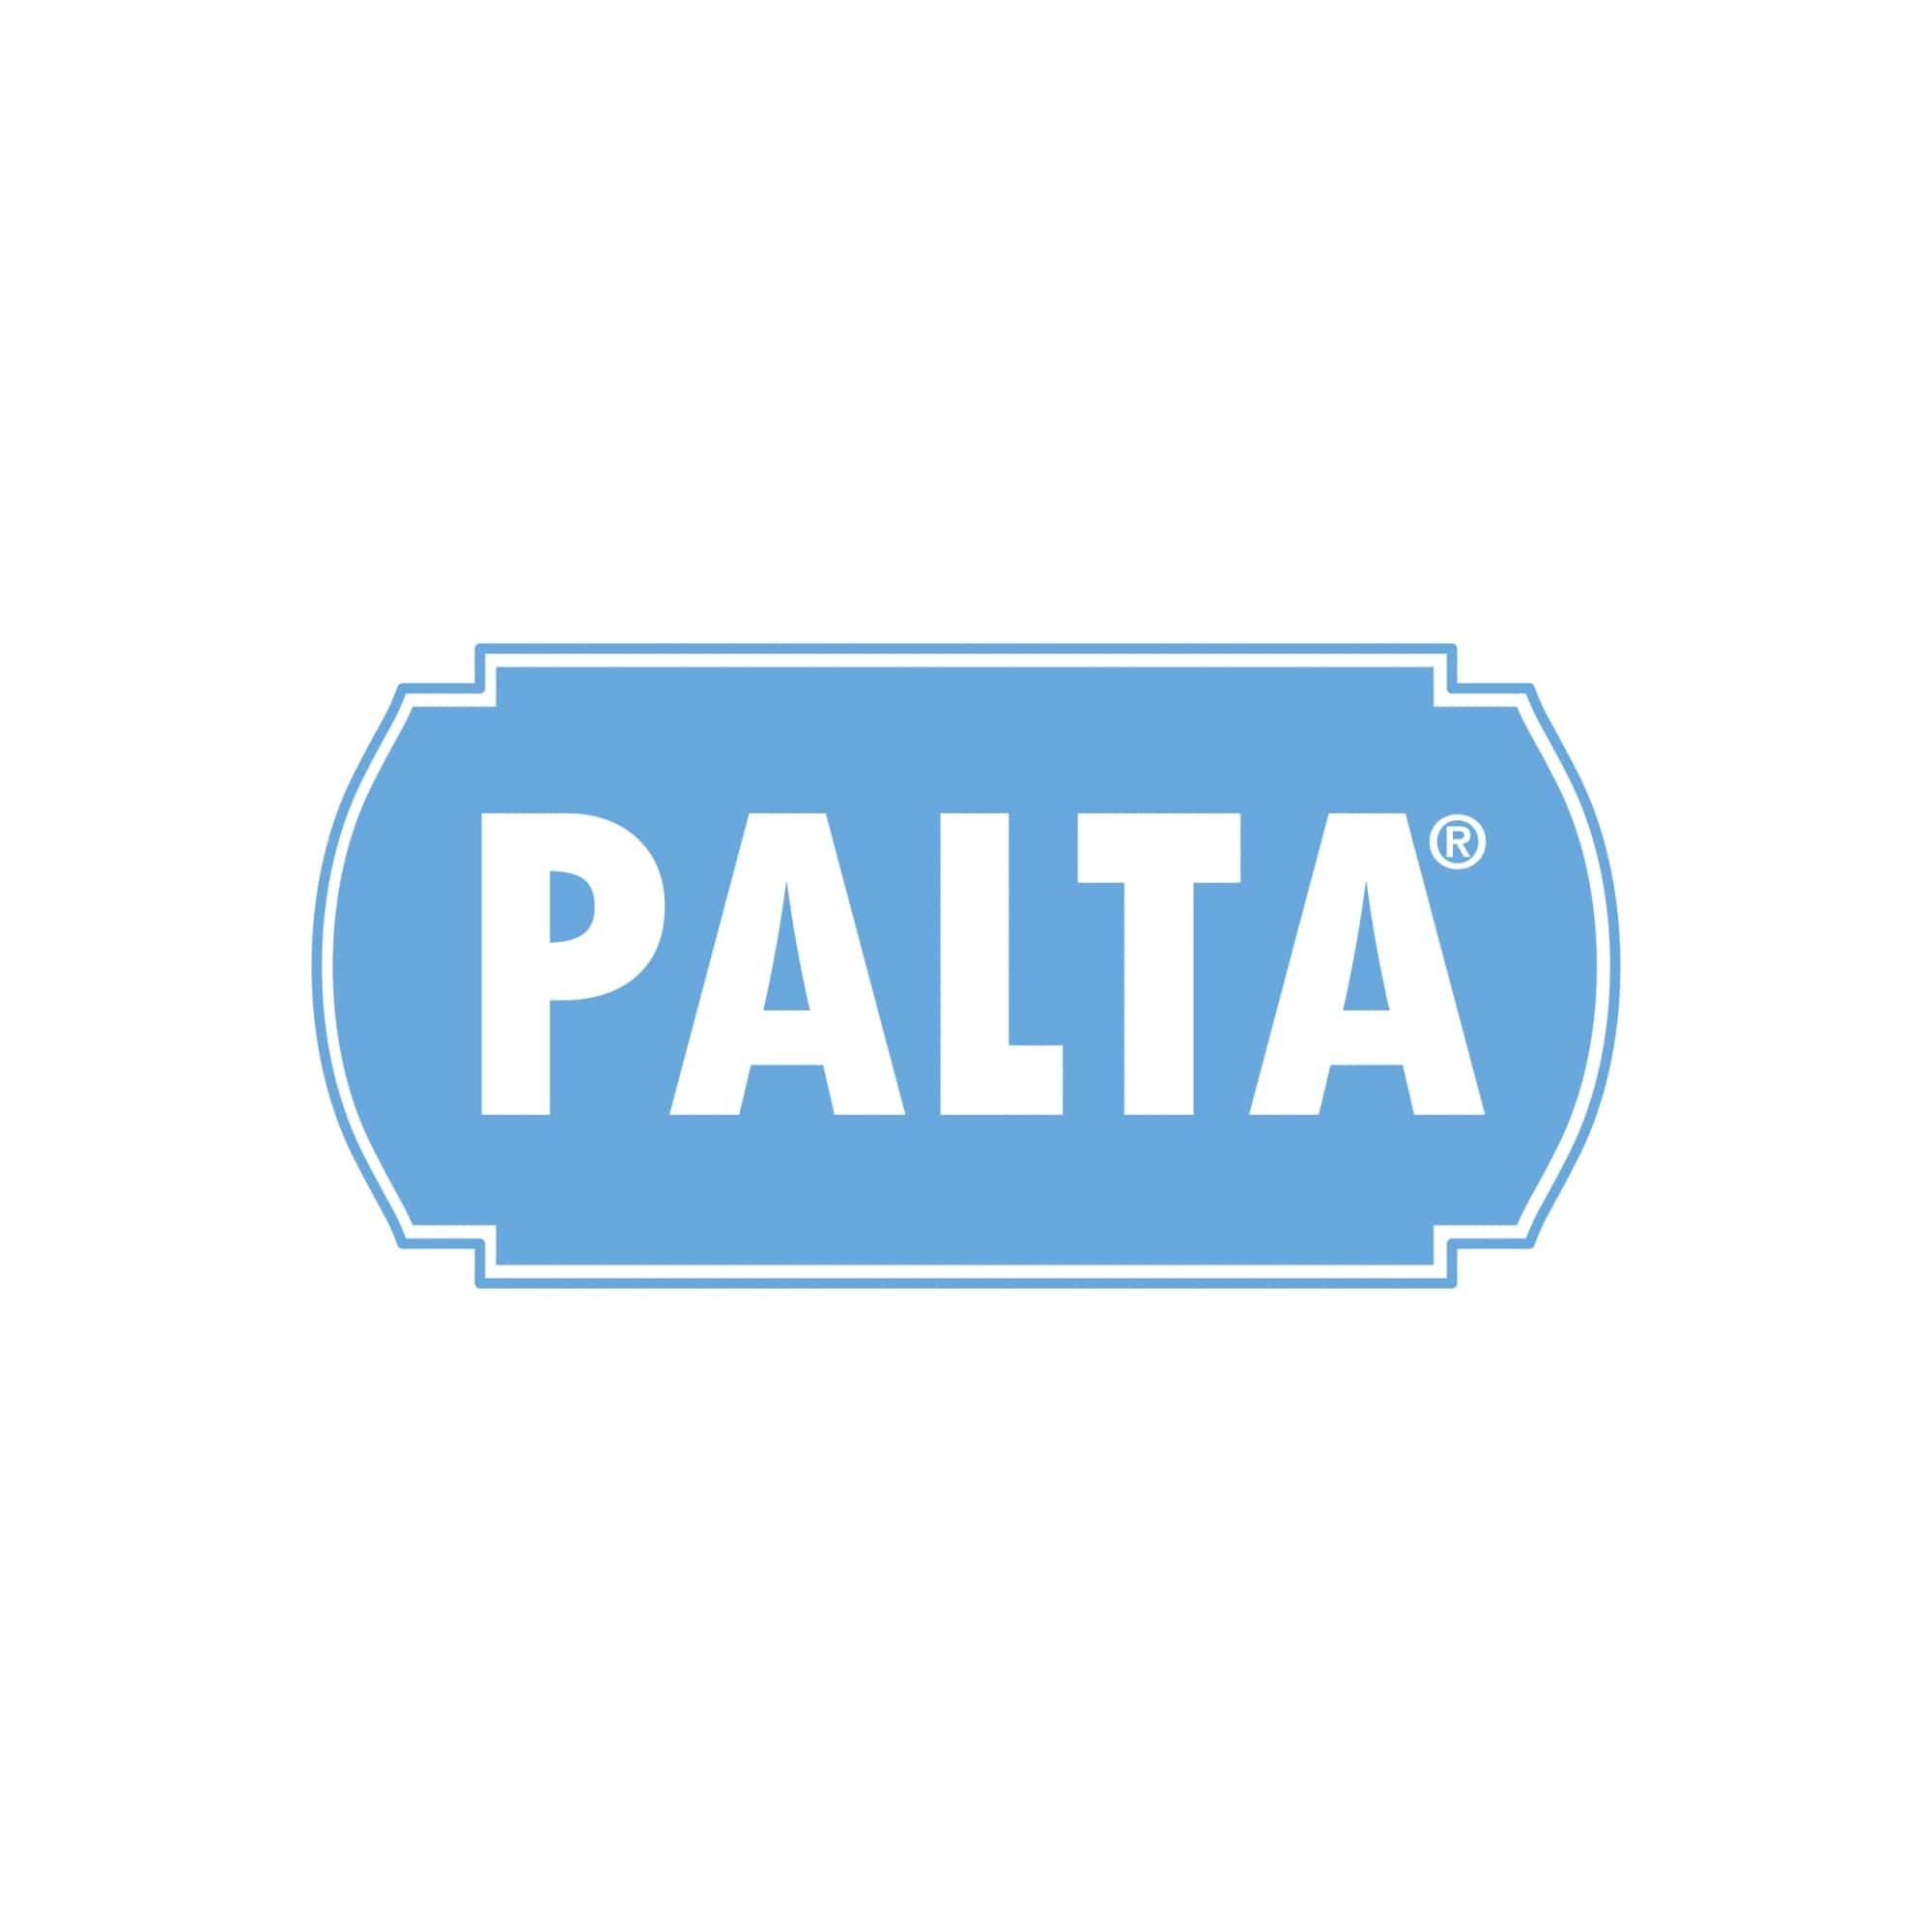 Palta-ou3lntz5gcgog39er2k89rq4nswrthf4ogog4frxnk